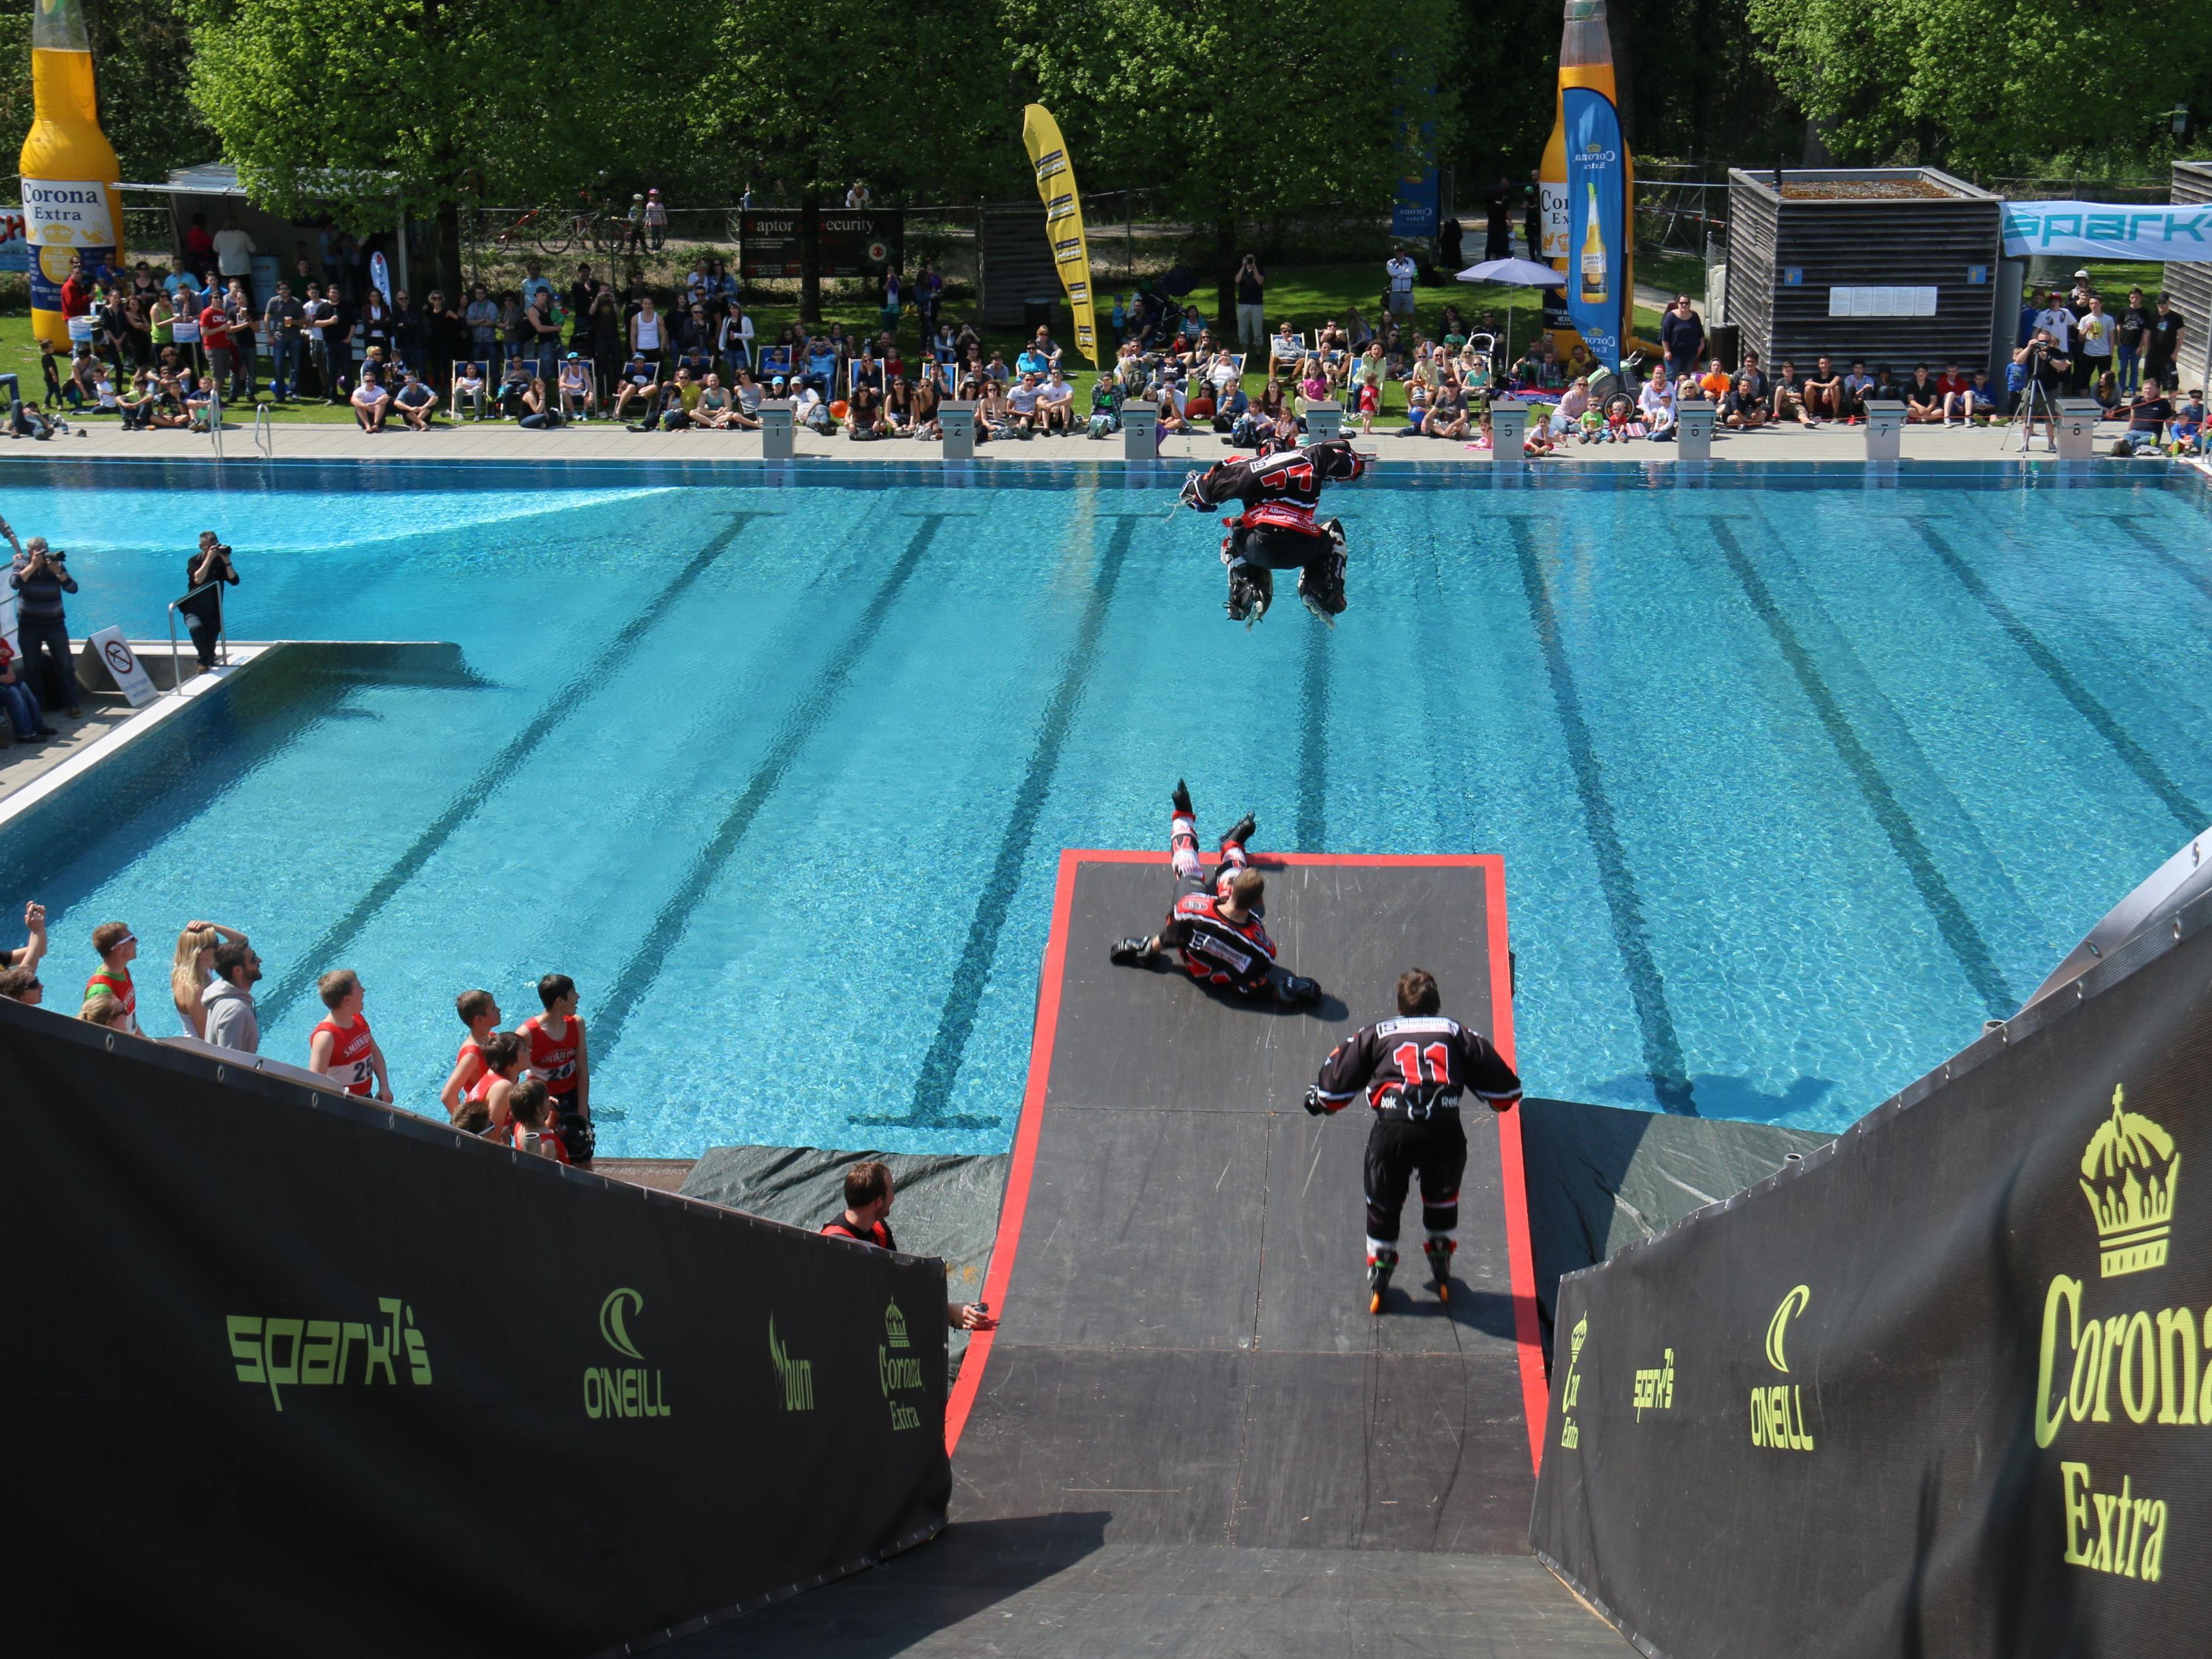 Am 23. April findet im Schwimmbad Gisingen der Corona Sprungtag statt.